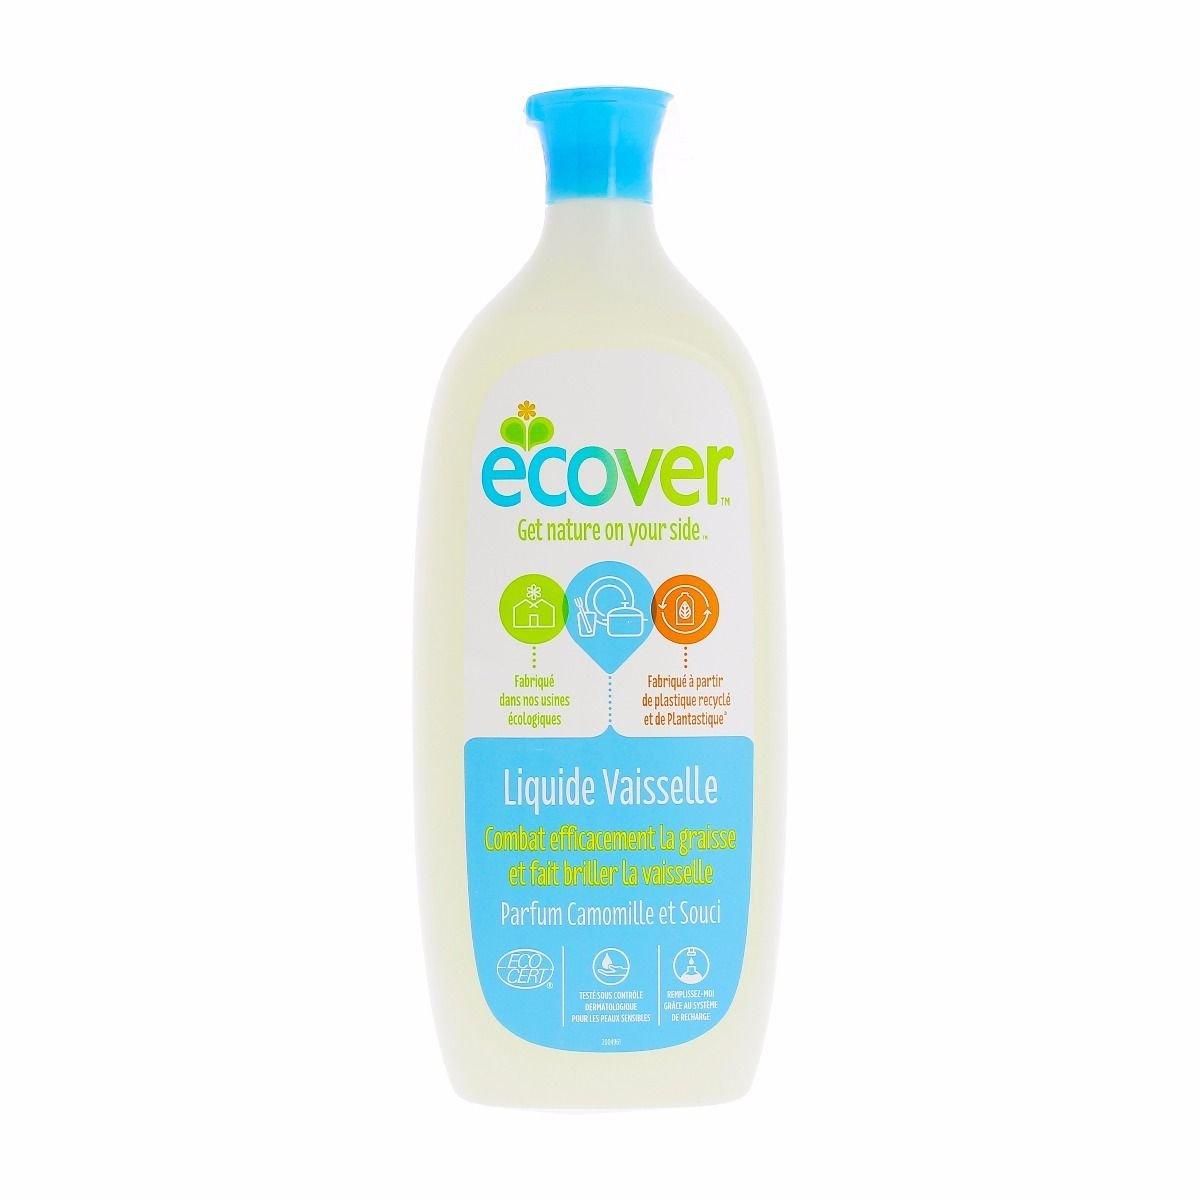 Ecover - Liquide Vaisselle Camomille 1L - Precio por unidade ...